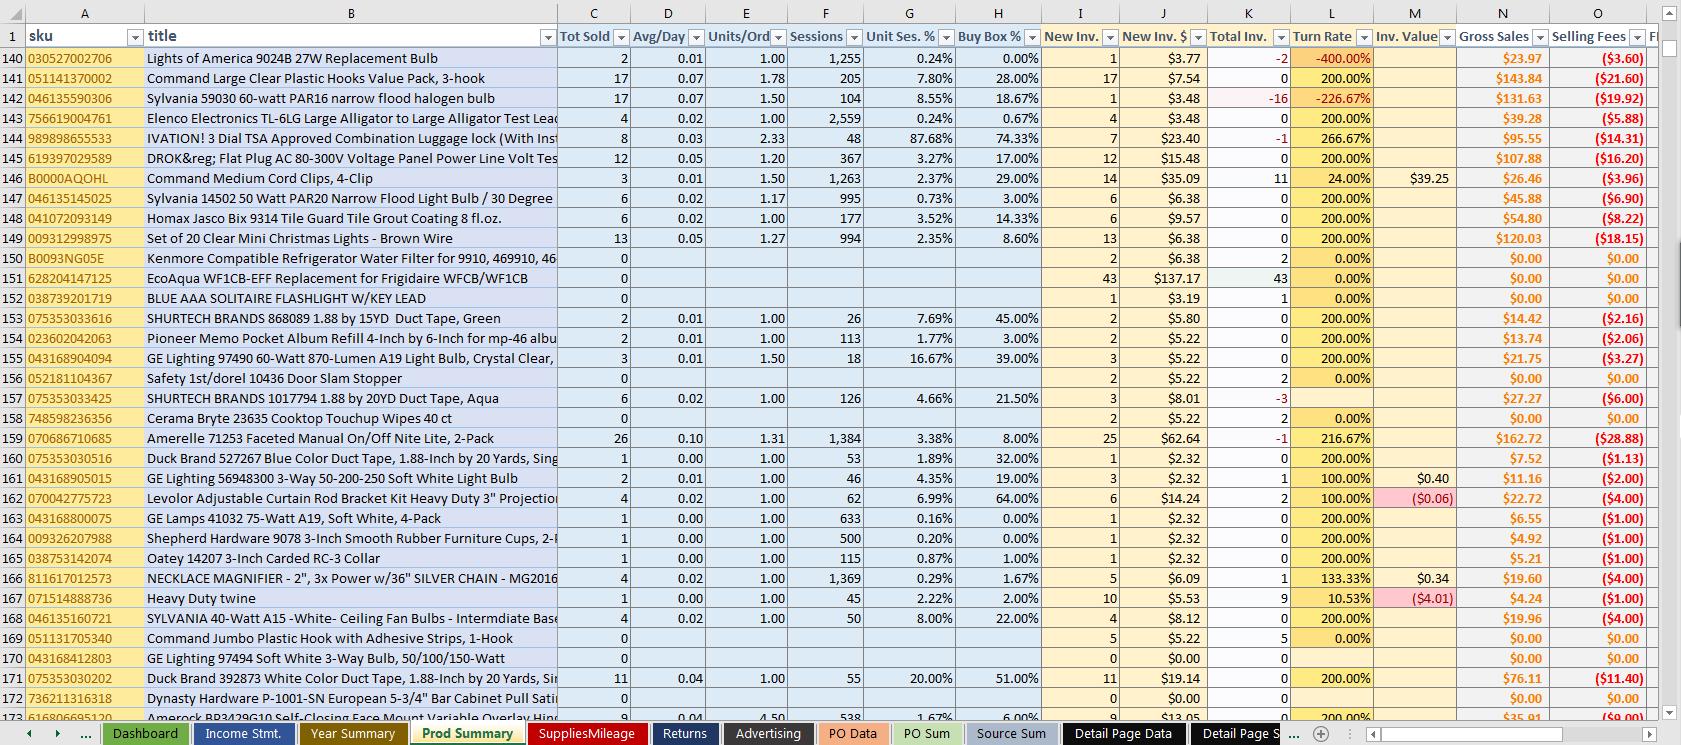 Amazon Fba Profit Spreadsheet Throughout The Ultimate Amazon Fba Sales Spreadsheet V1 – Tools For Fba